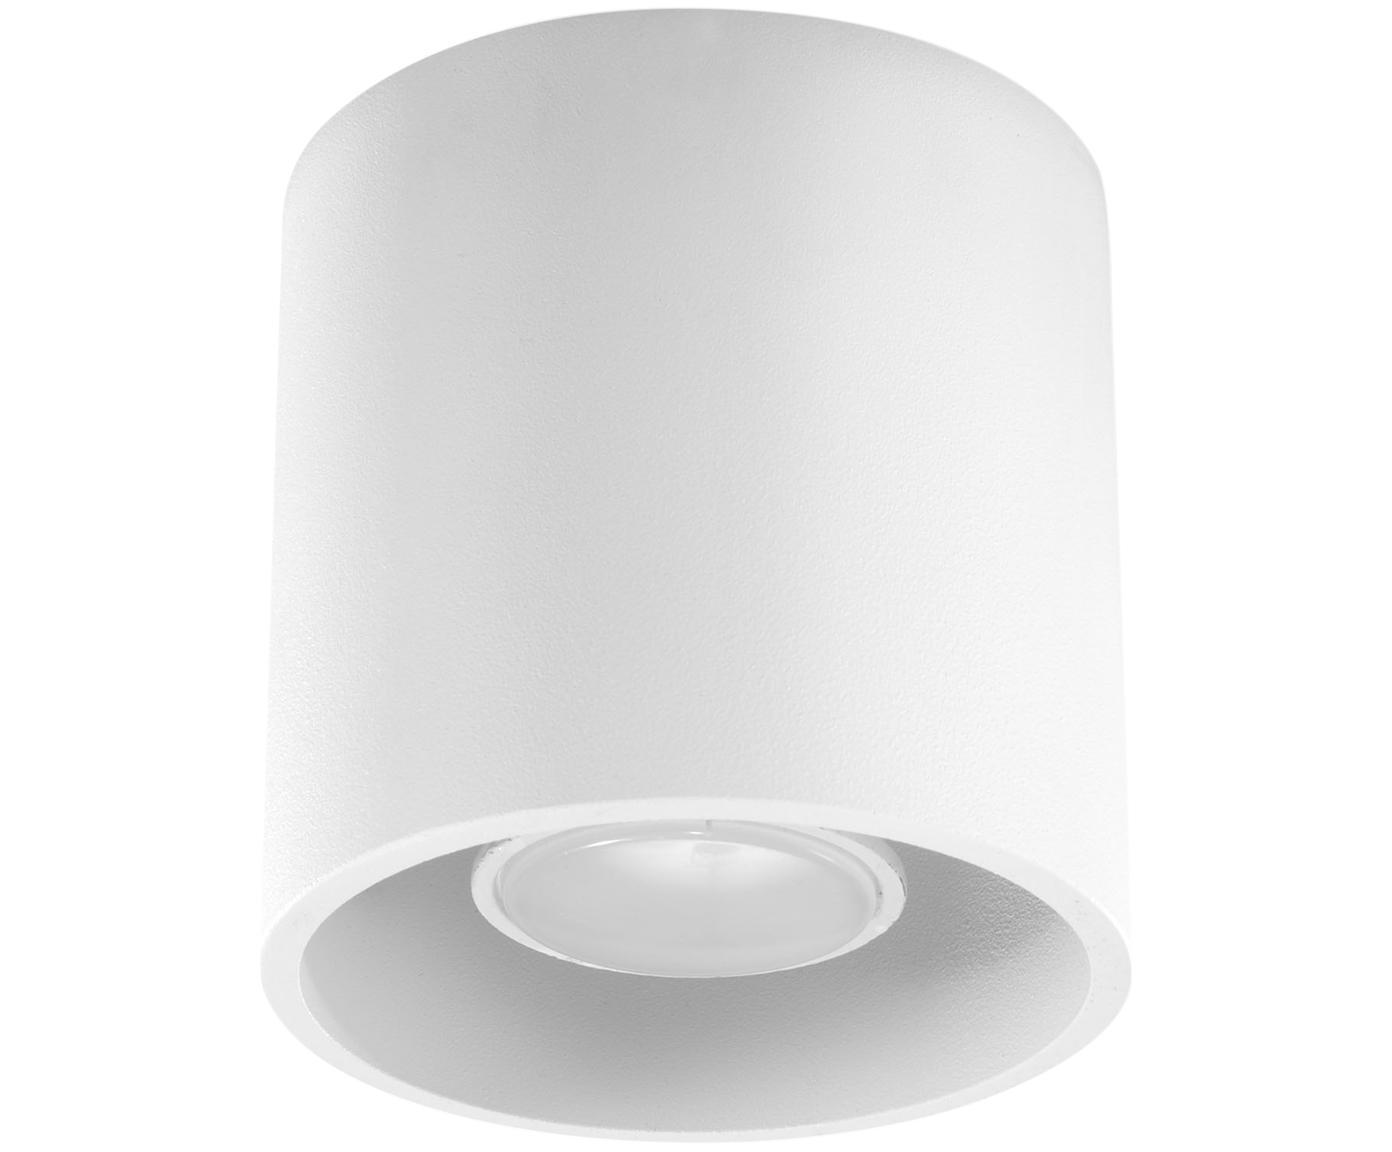 Faretto da soffitto bianco Roda, Alluminio rivestito, Bianco, Ø 10 x Alt.10 cm